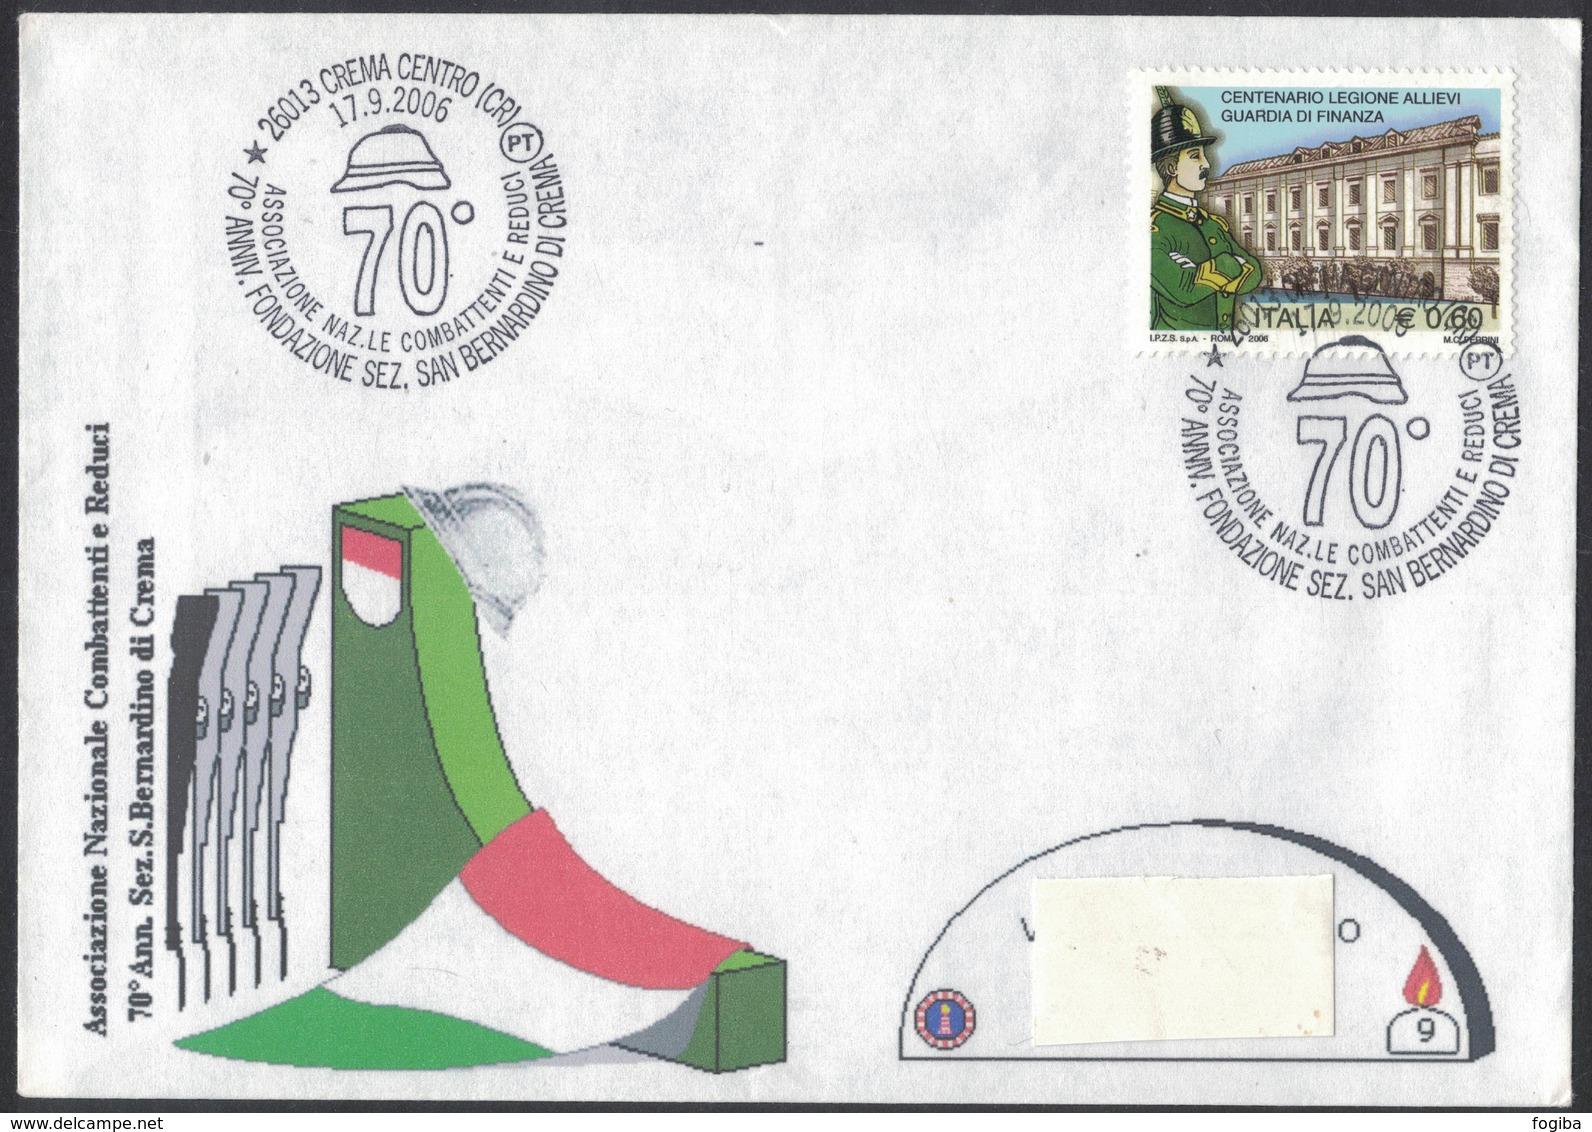 YN321   Italia 2006  Associazione Naz.le Combattenti E Reduci 70° Sez. San Bernardino Di Crema - Annullo Speciale - Militaria